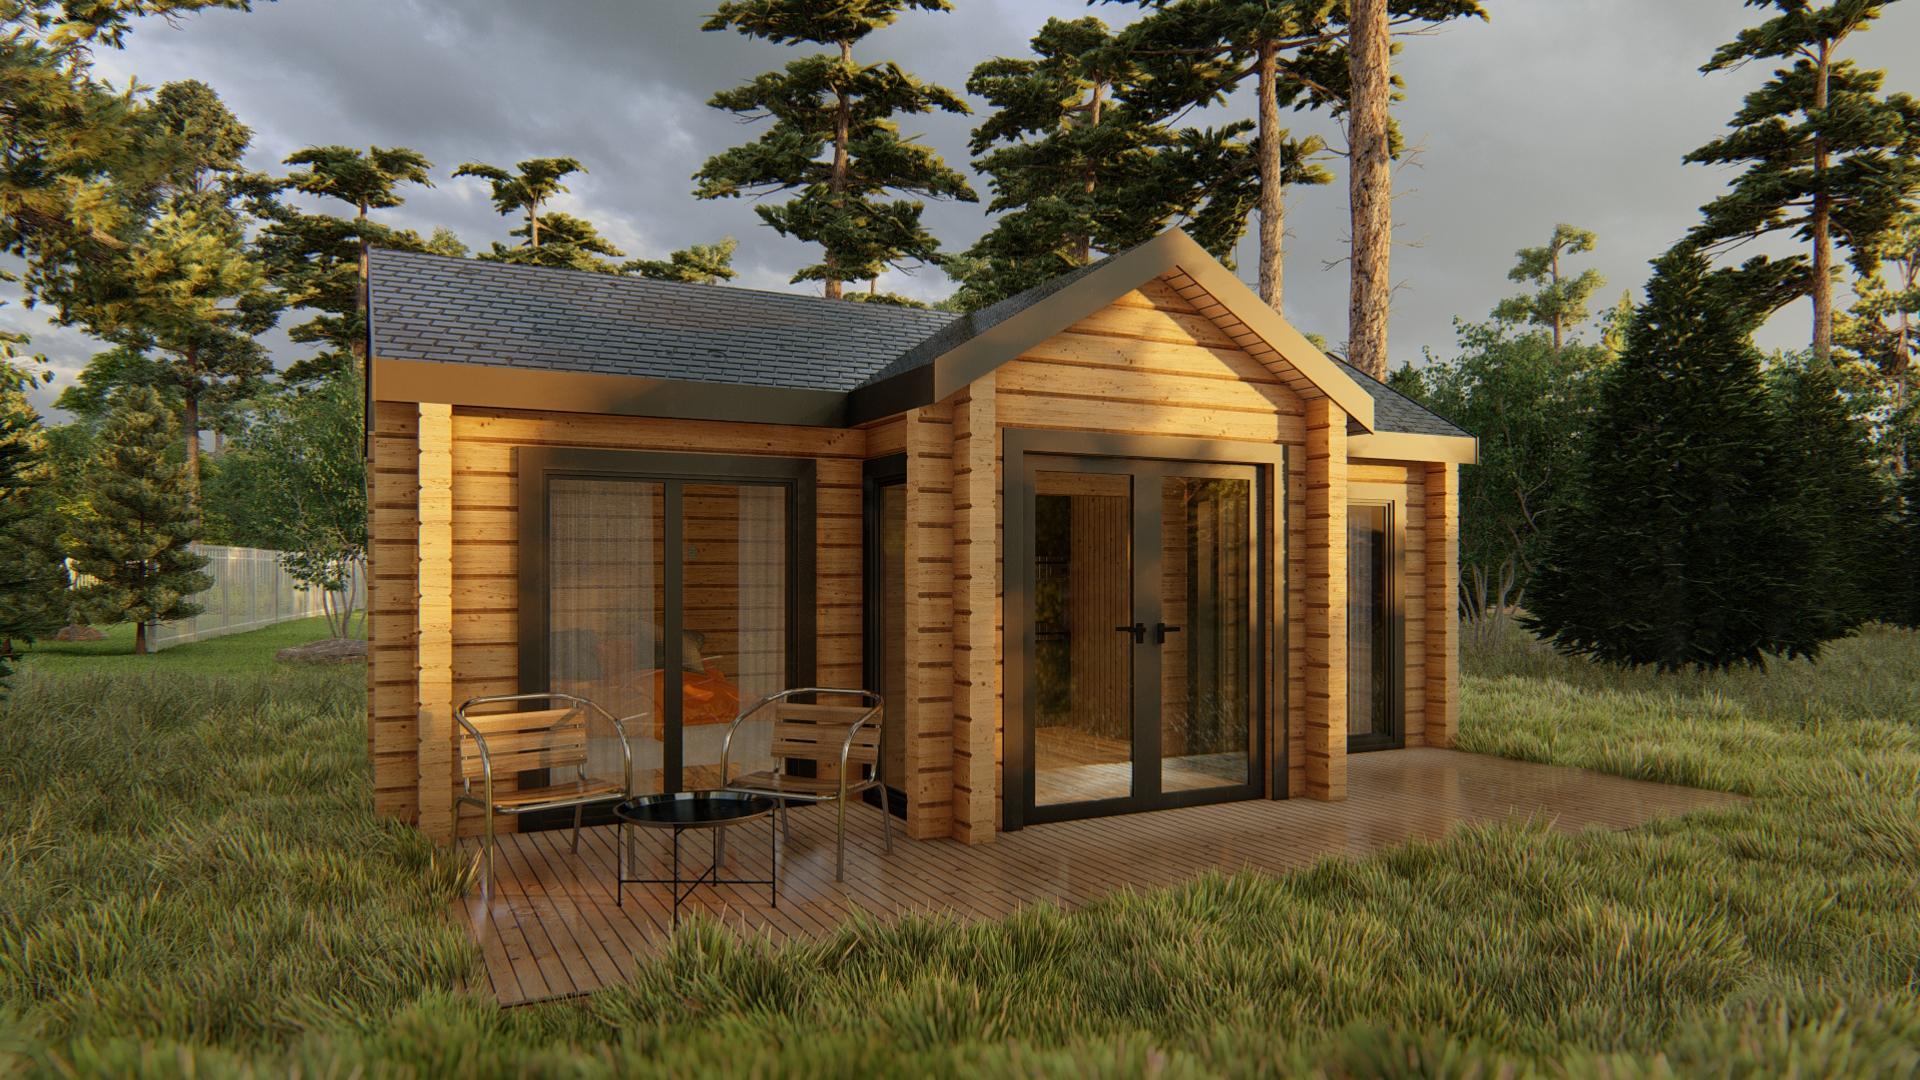 Residential Cabin / Granny Flat - EVA